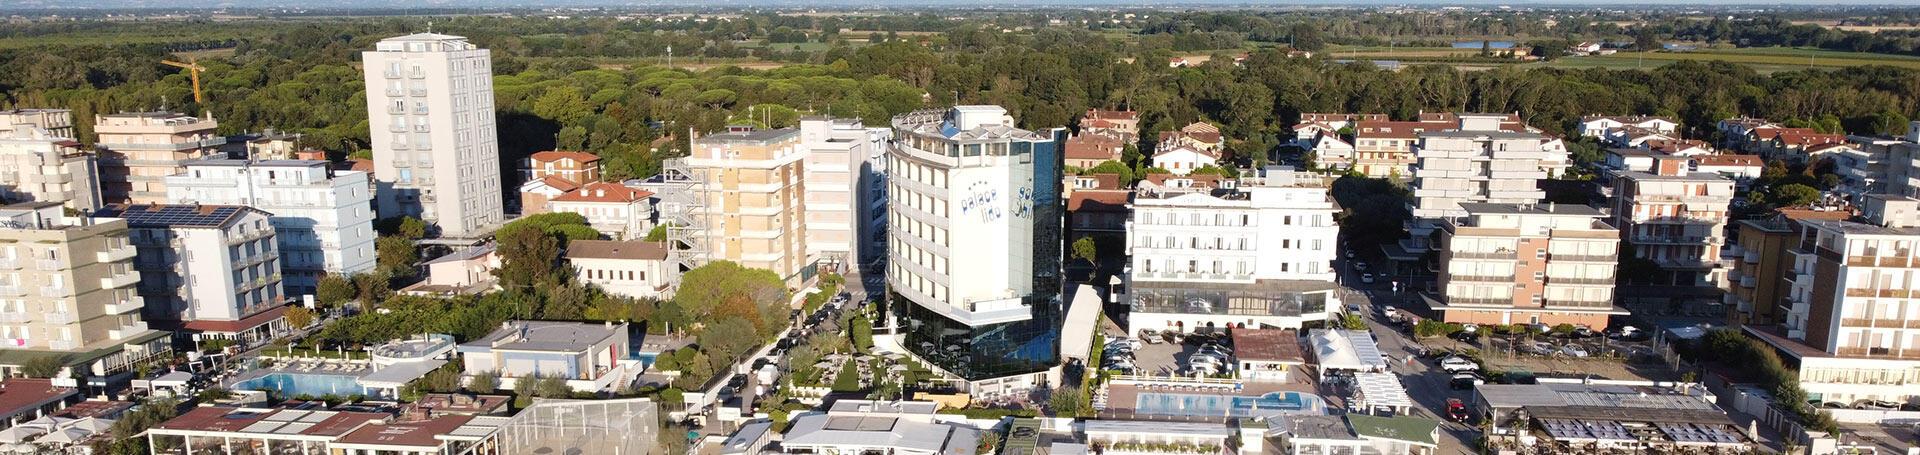 palacelidohotel de wo-sind-wir 011